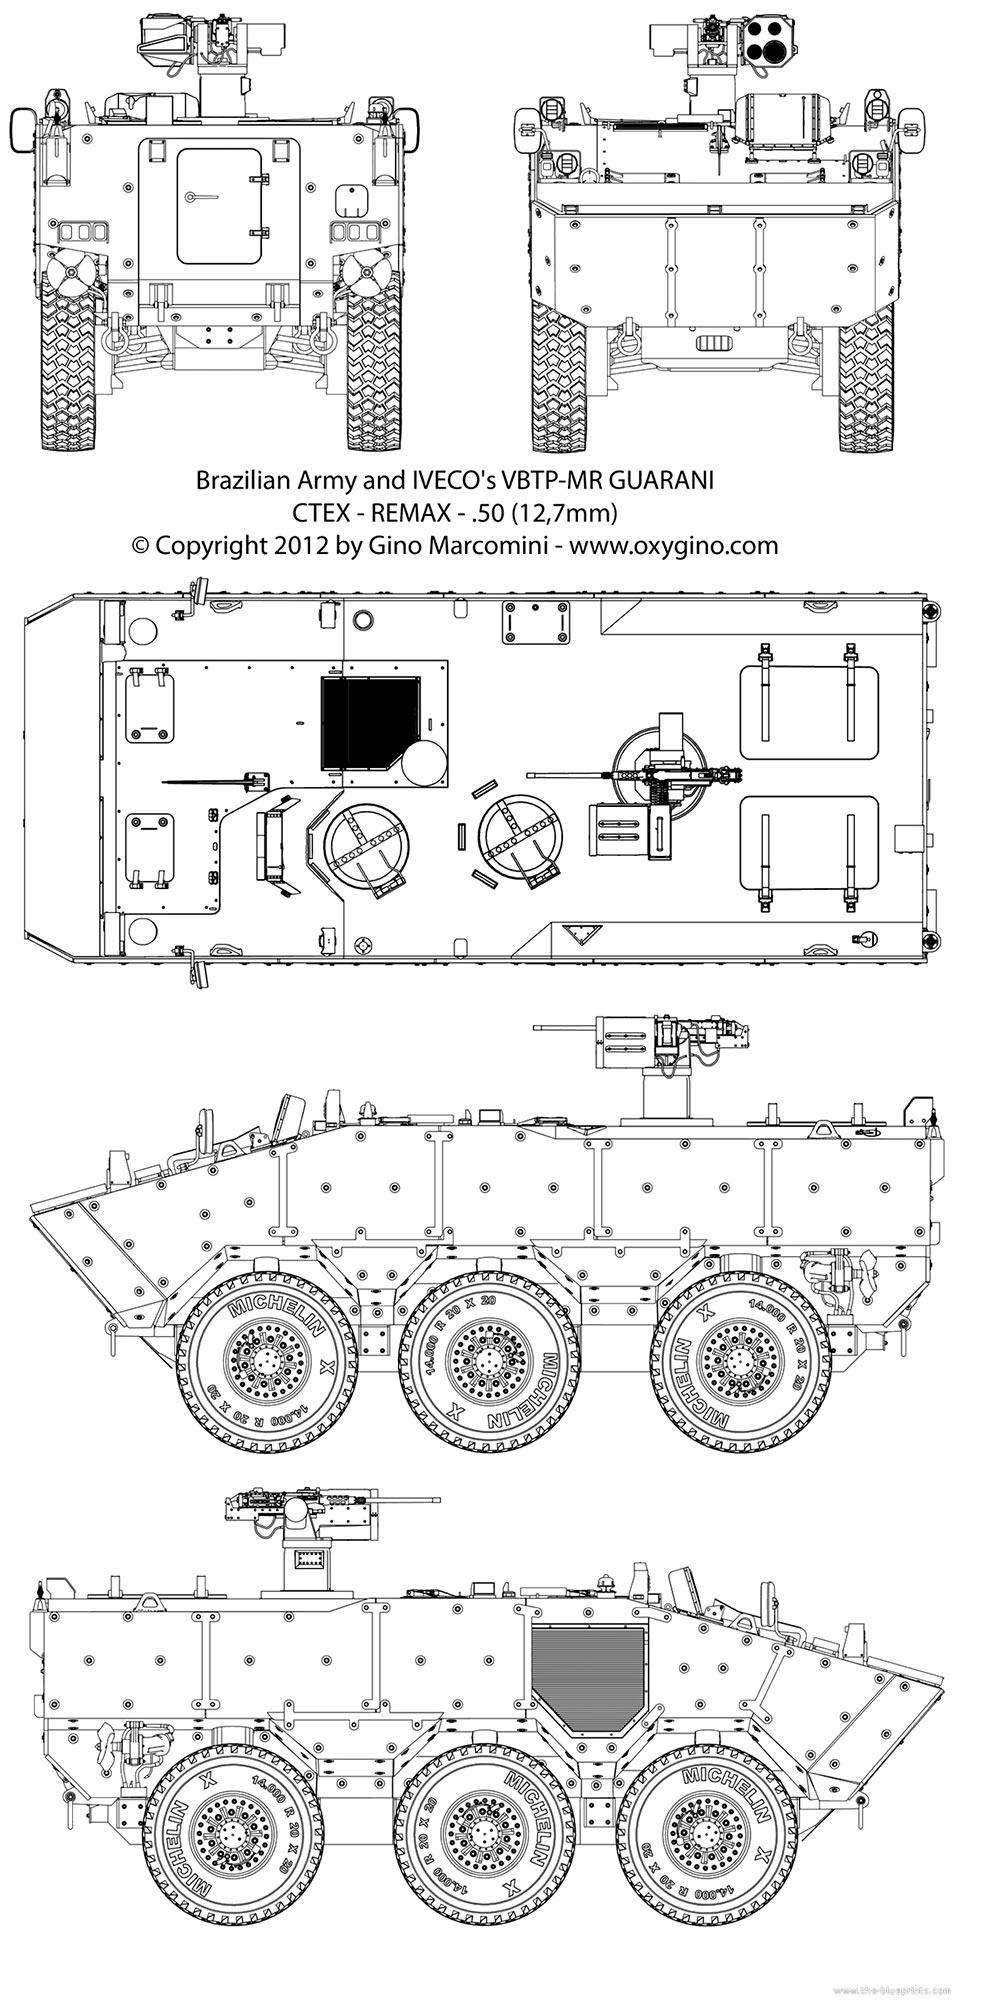 Чертеж бронетранспортера VBTP-MR «Guarani»